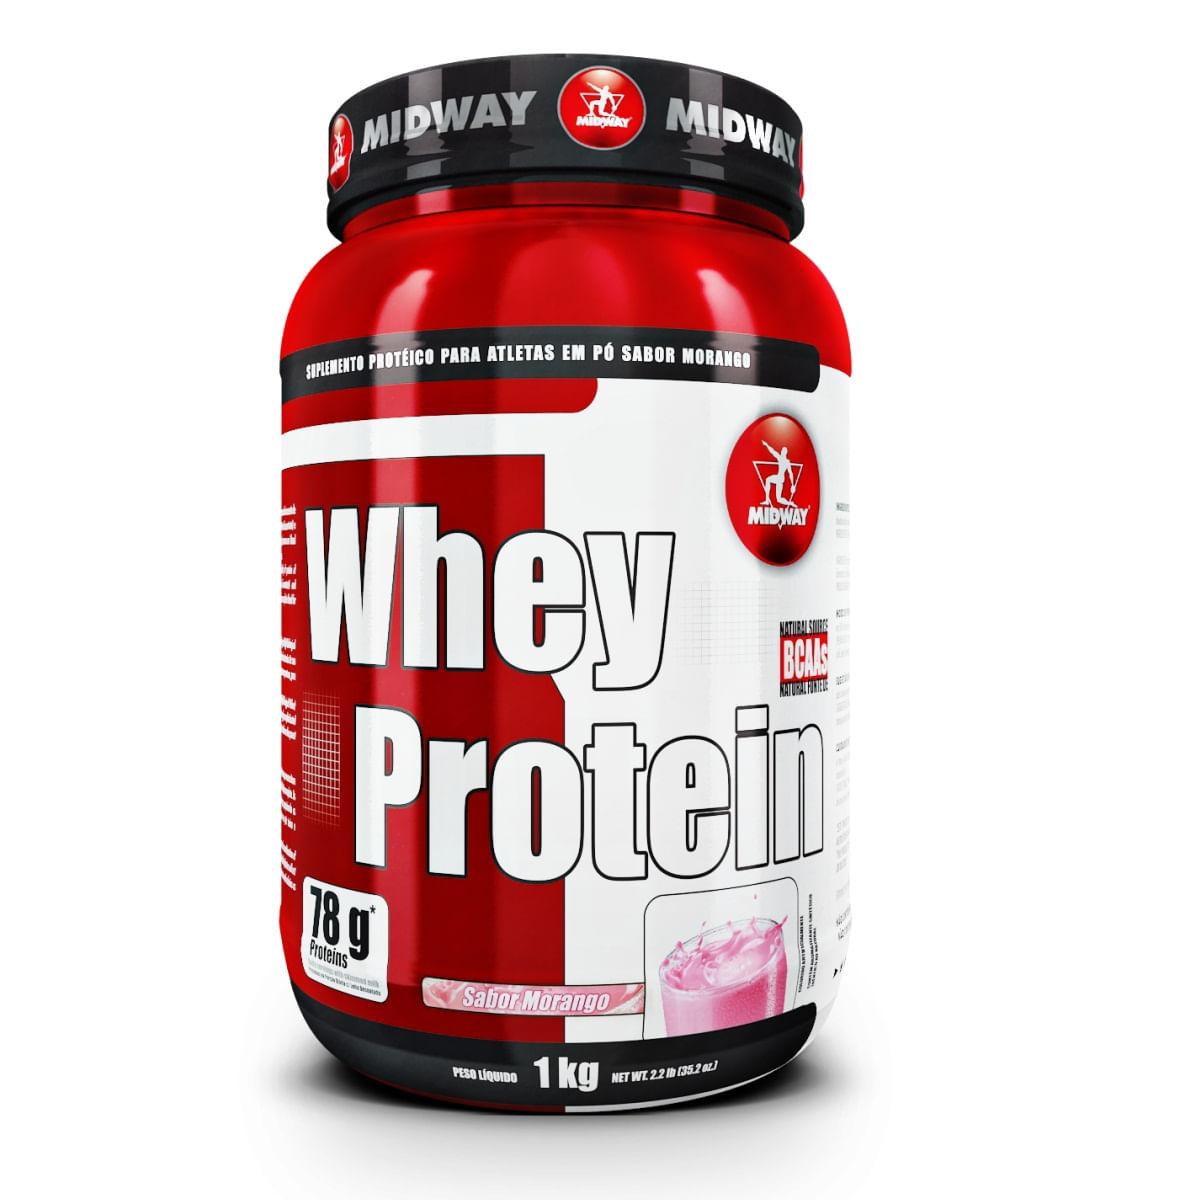 aed351a85 Whey Protein Midway Morango 1kg - Farmacias Pague Menos